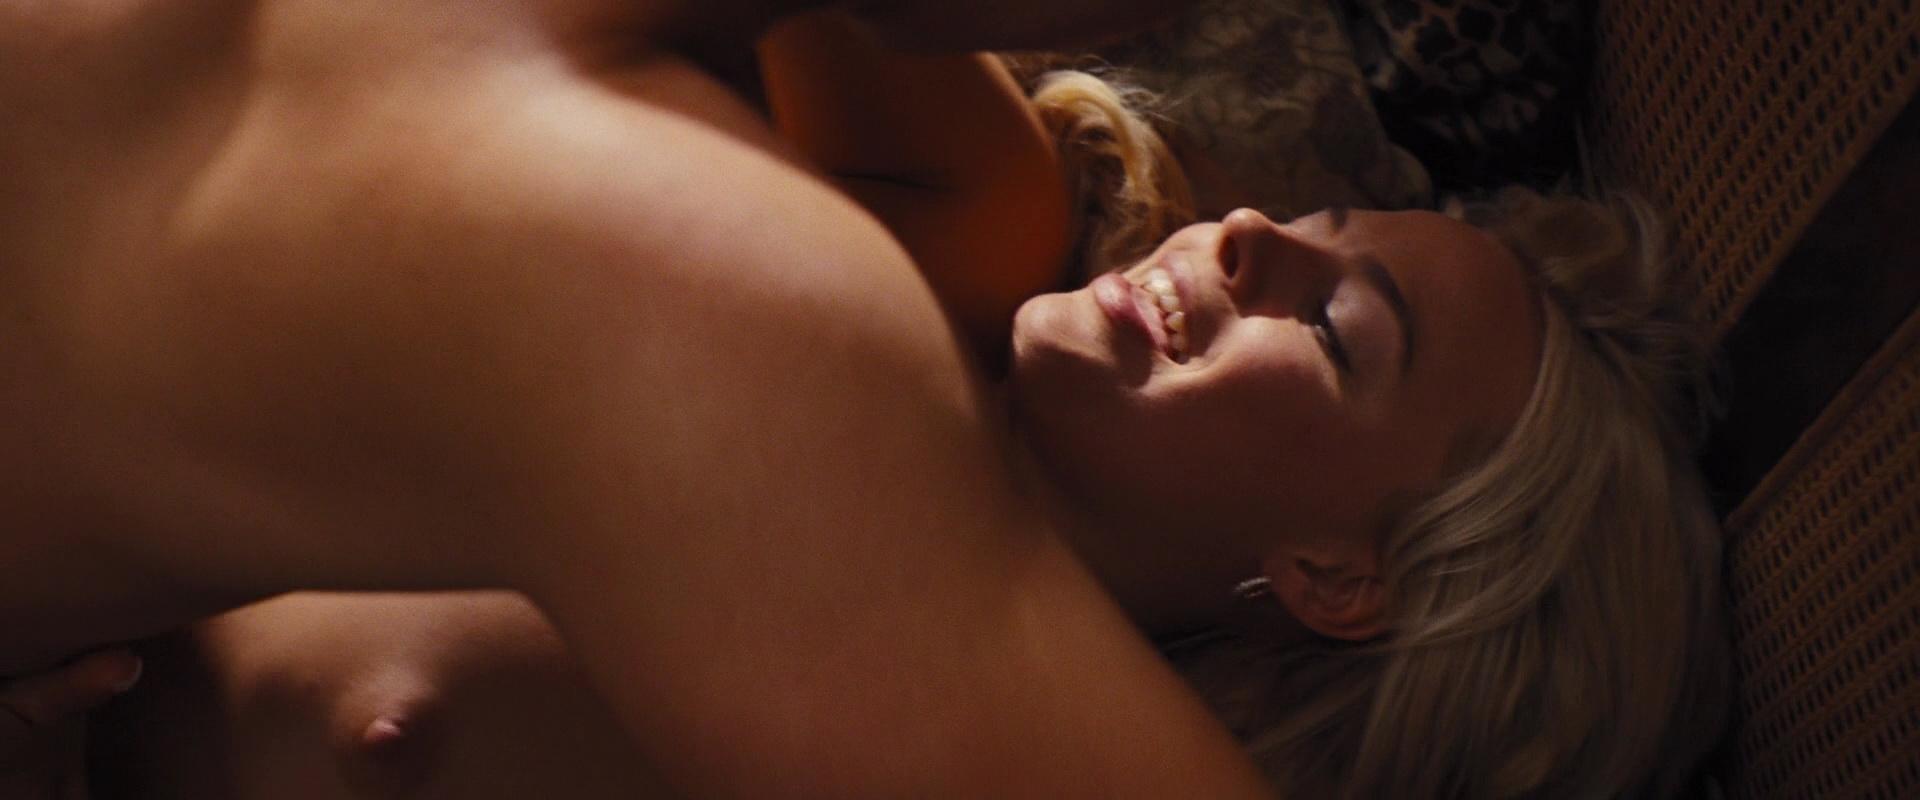 Margot Robbie sexo